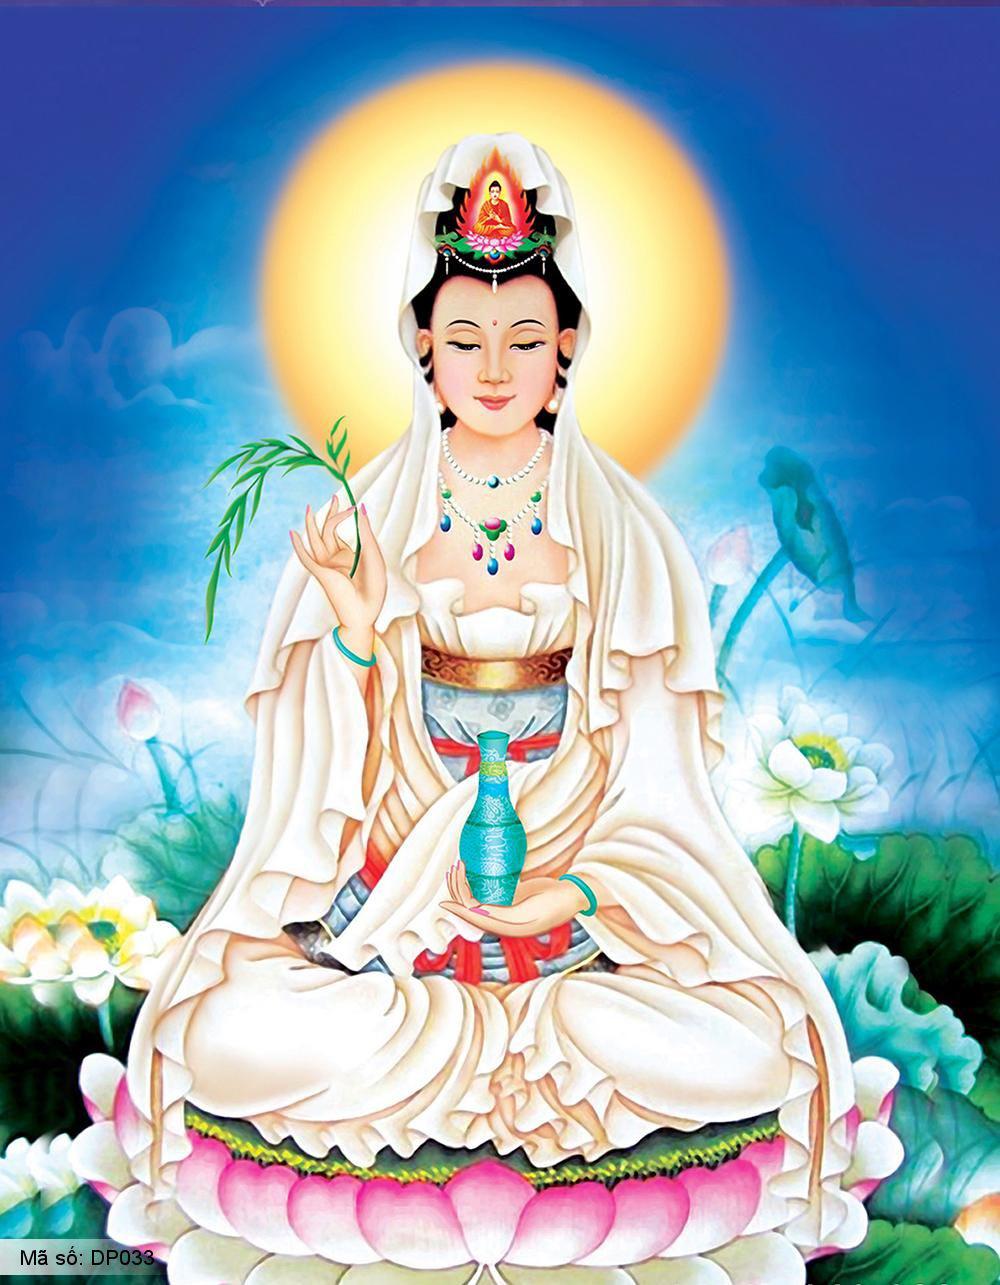 Hình ảnh Phật bà quan âm ngồi trên đài sen đẹp nhất